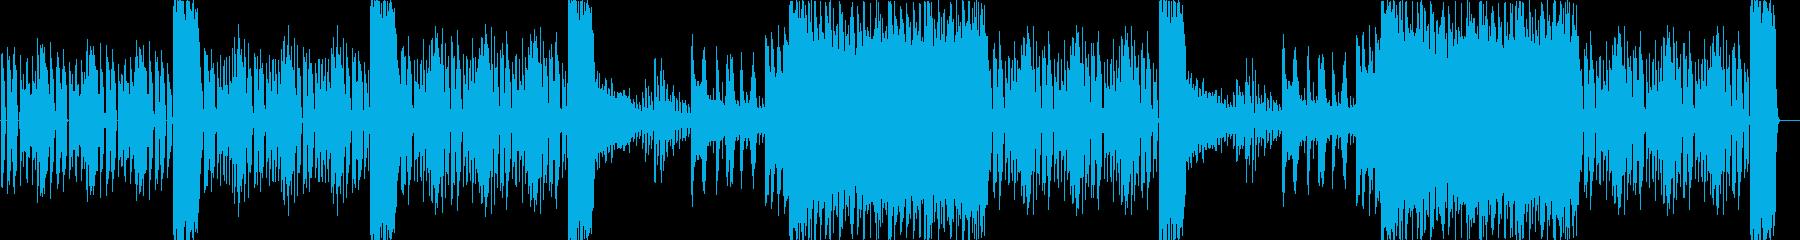 洞窟、ダンジョン、暗く切なく悲しい曲cの再生済みの波形